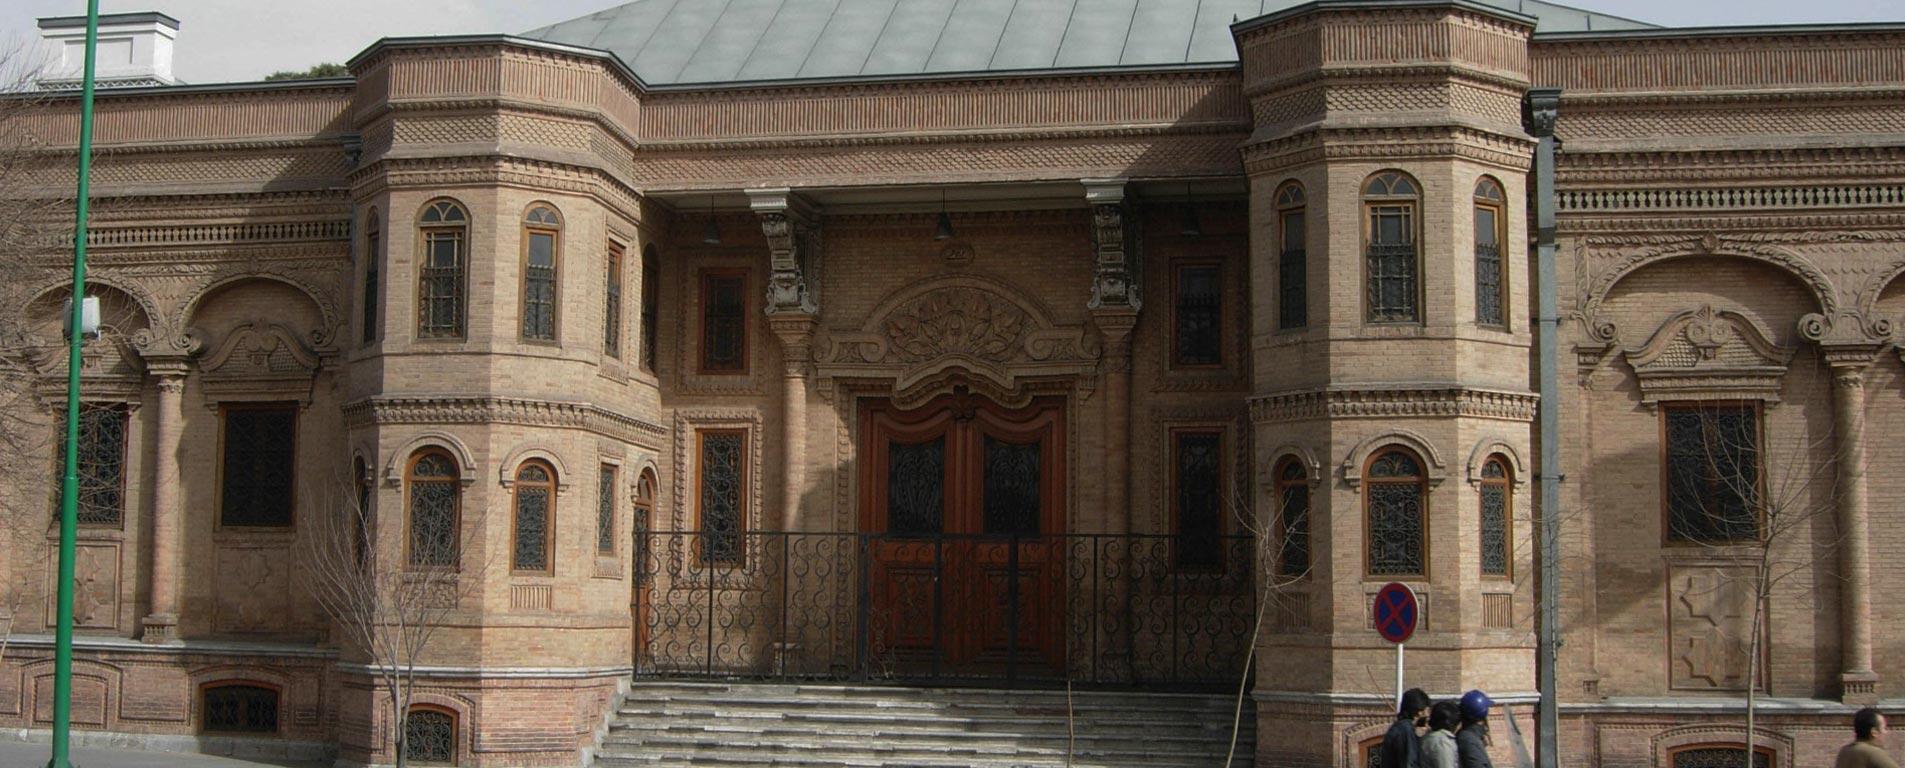 عمارت بهارستان ، تاریخچه و جاذبههای گردشگری